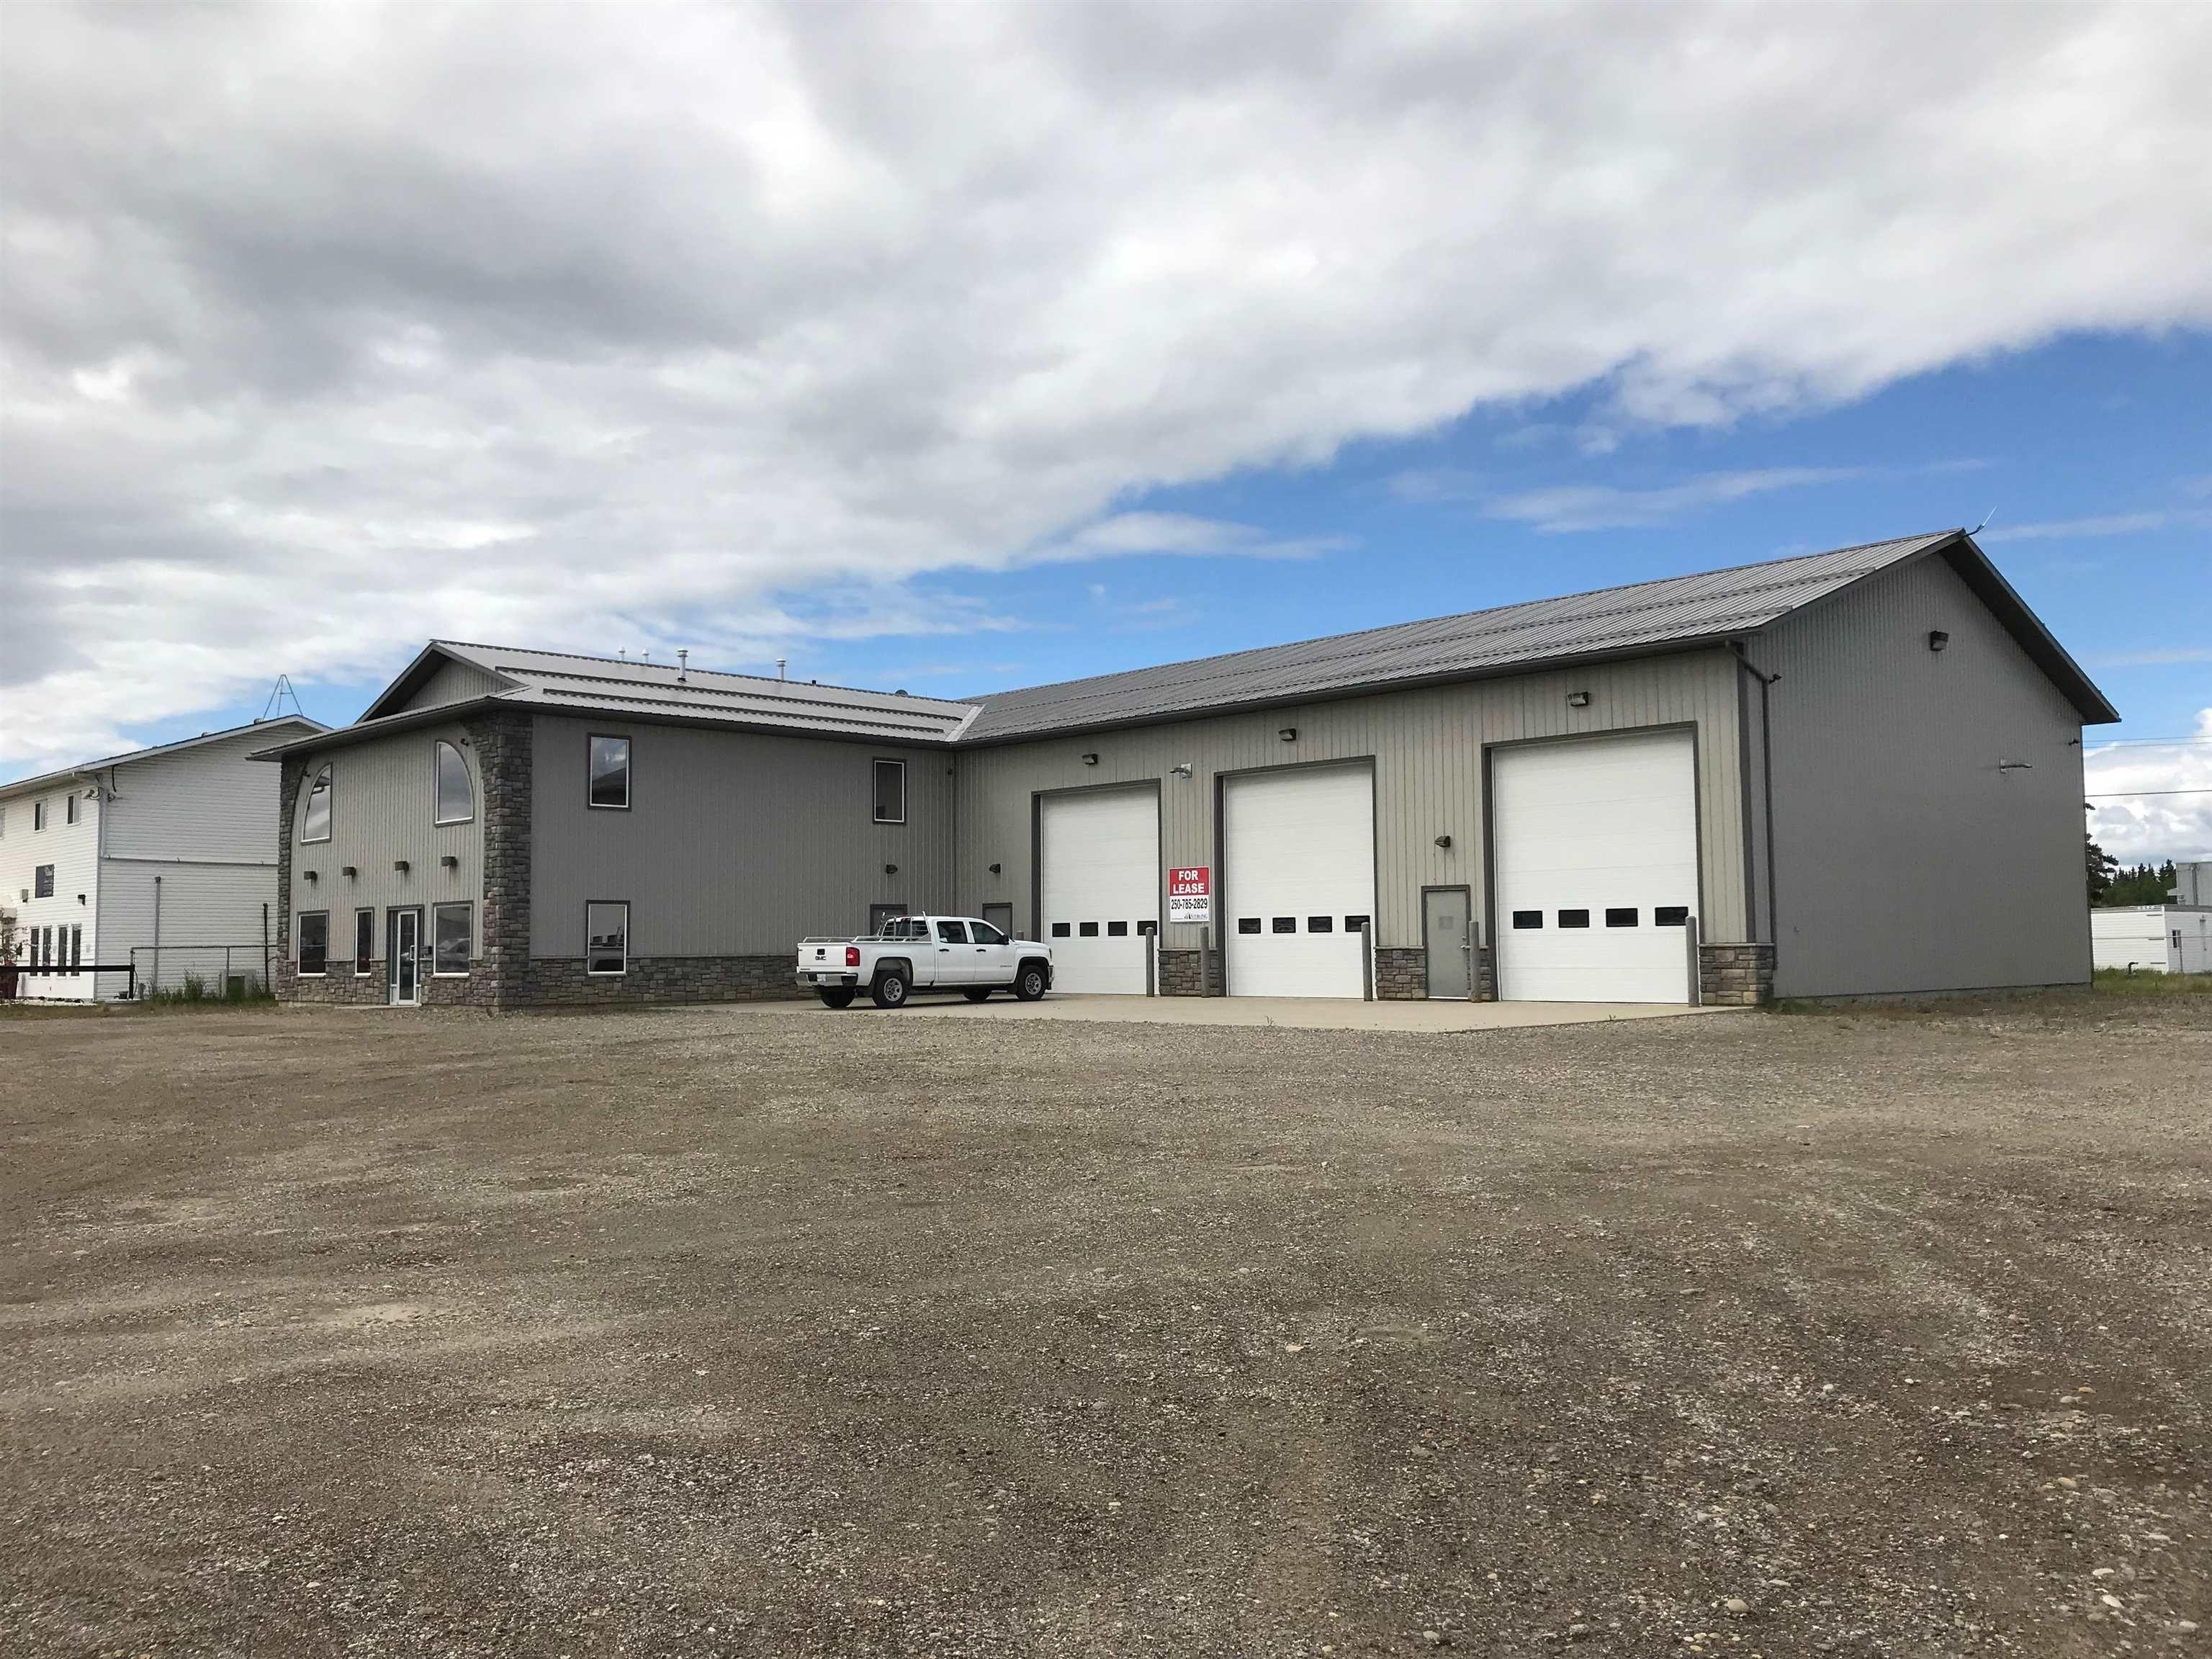 Main Photo: 8130 100 Avenue in Fort St. John: Fort St. John - City NE Industrial for lease (Fort St. John (Zone 60))  : MLS®# C8039924